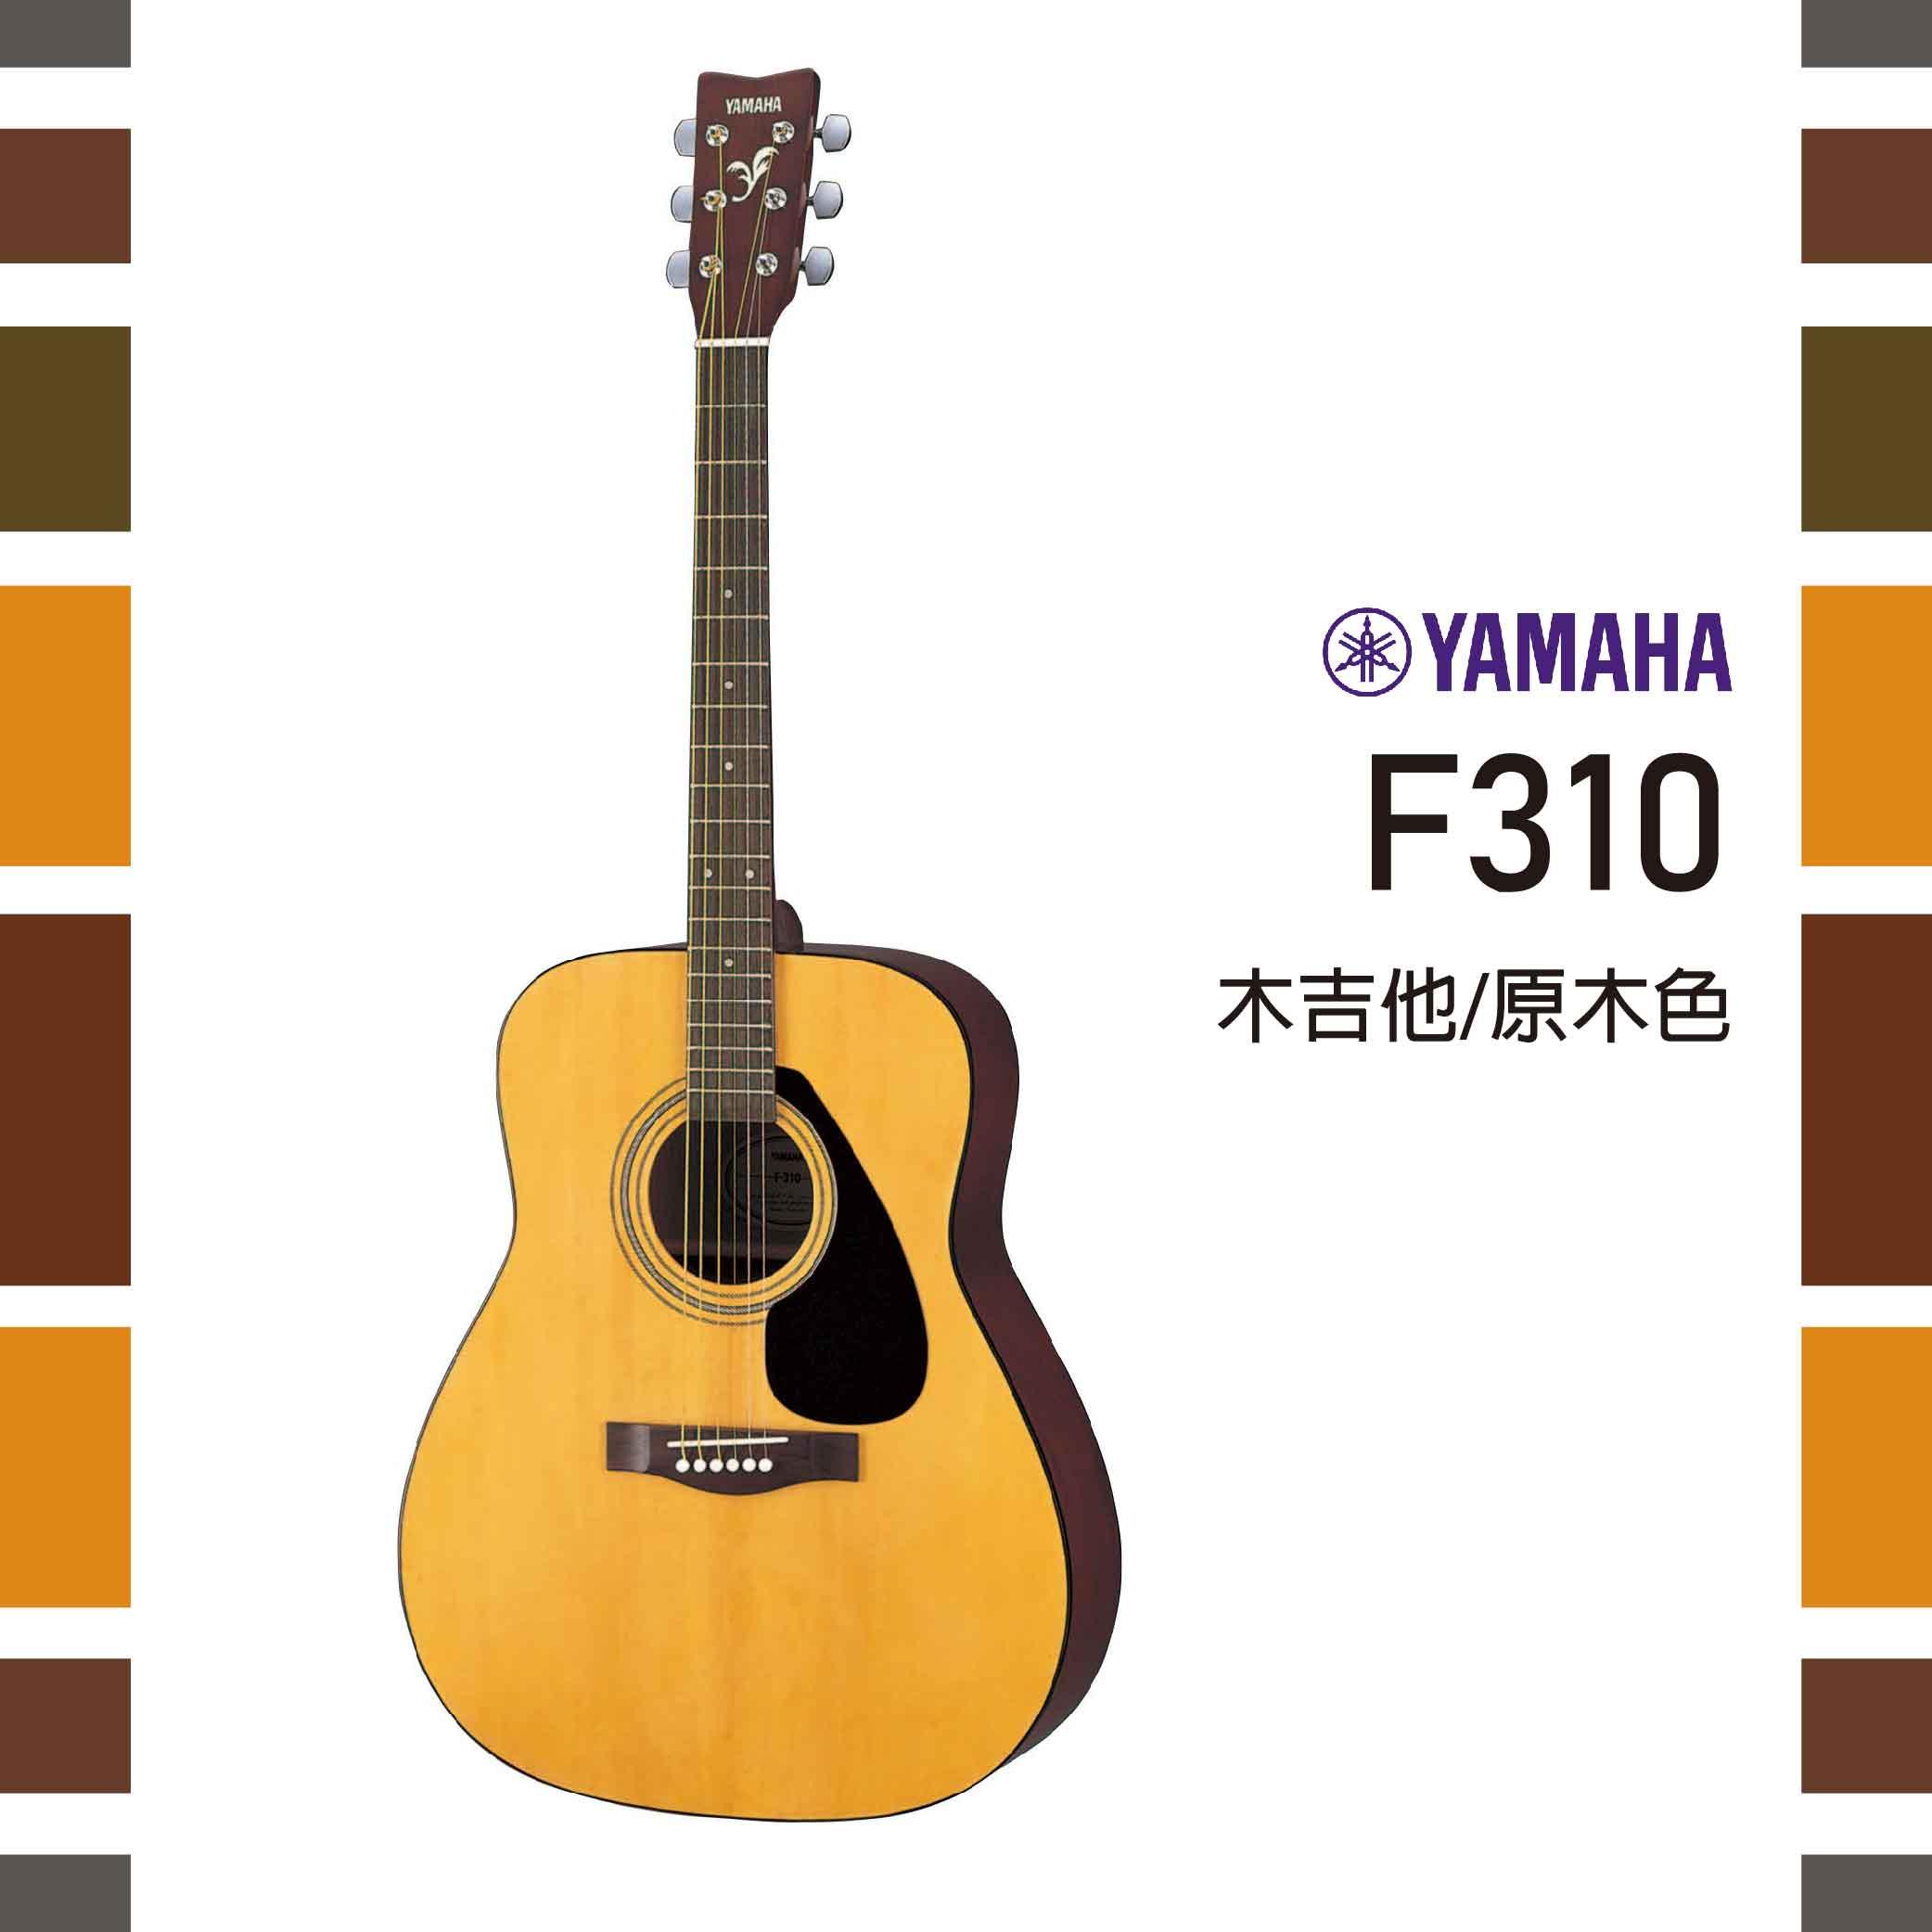 【非凡樂器】YAMAHA F310/木吉他/原木色/初學者推薦款/公司貨保固